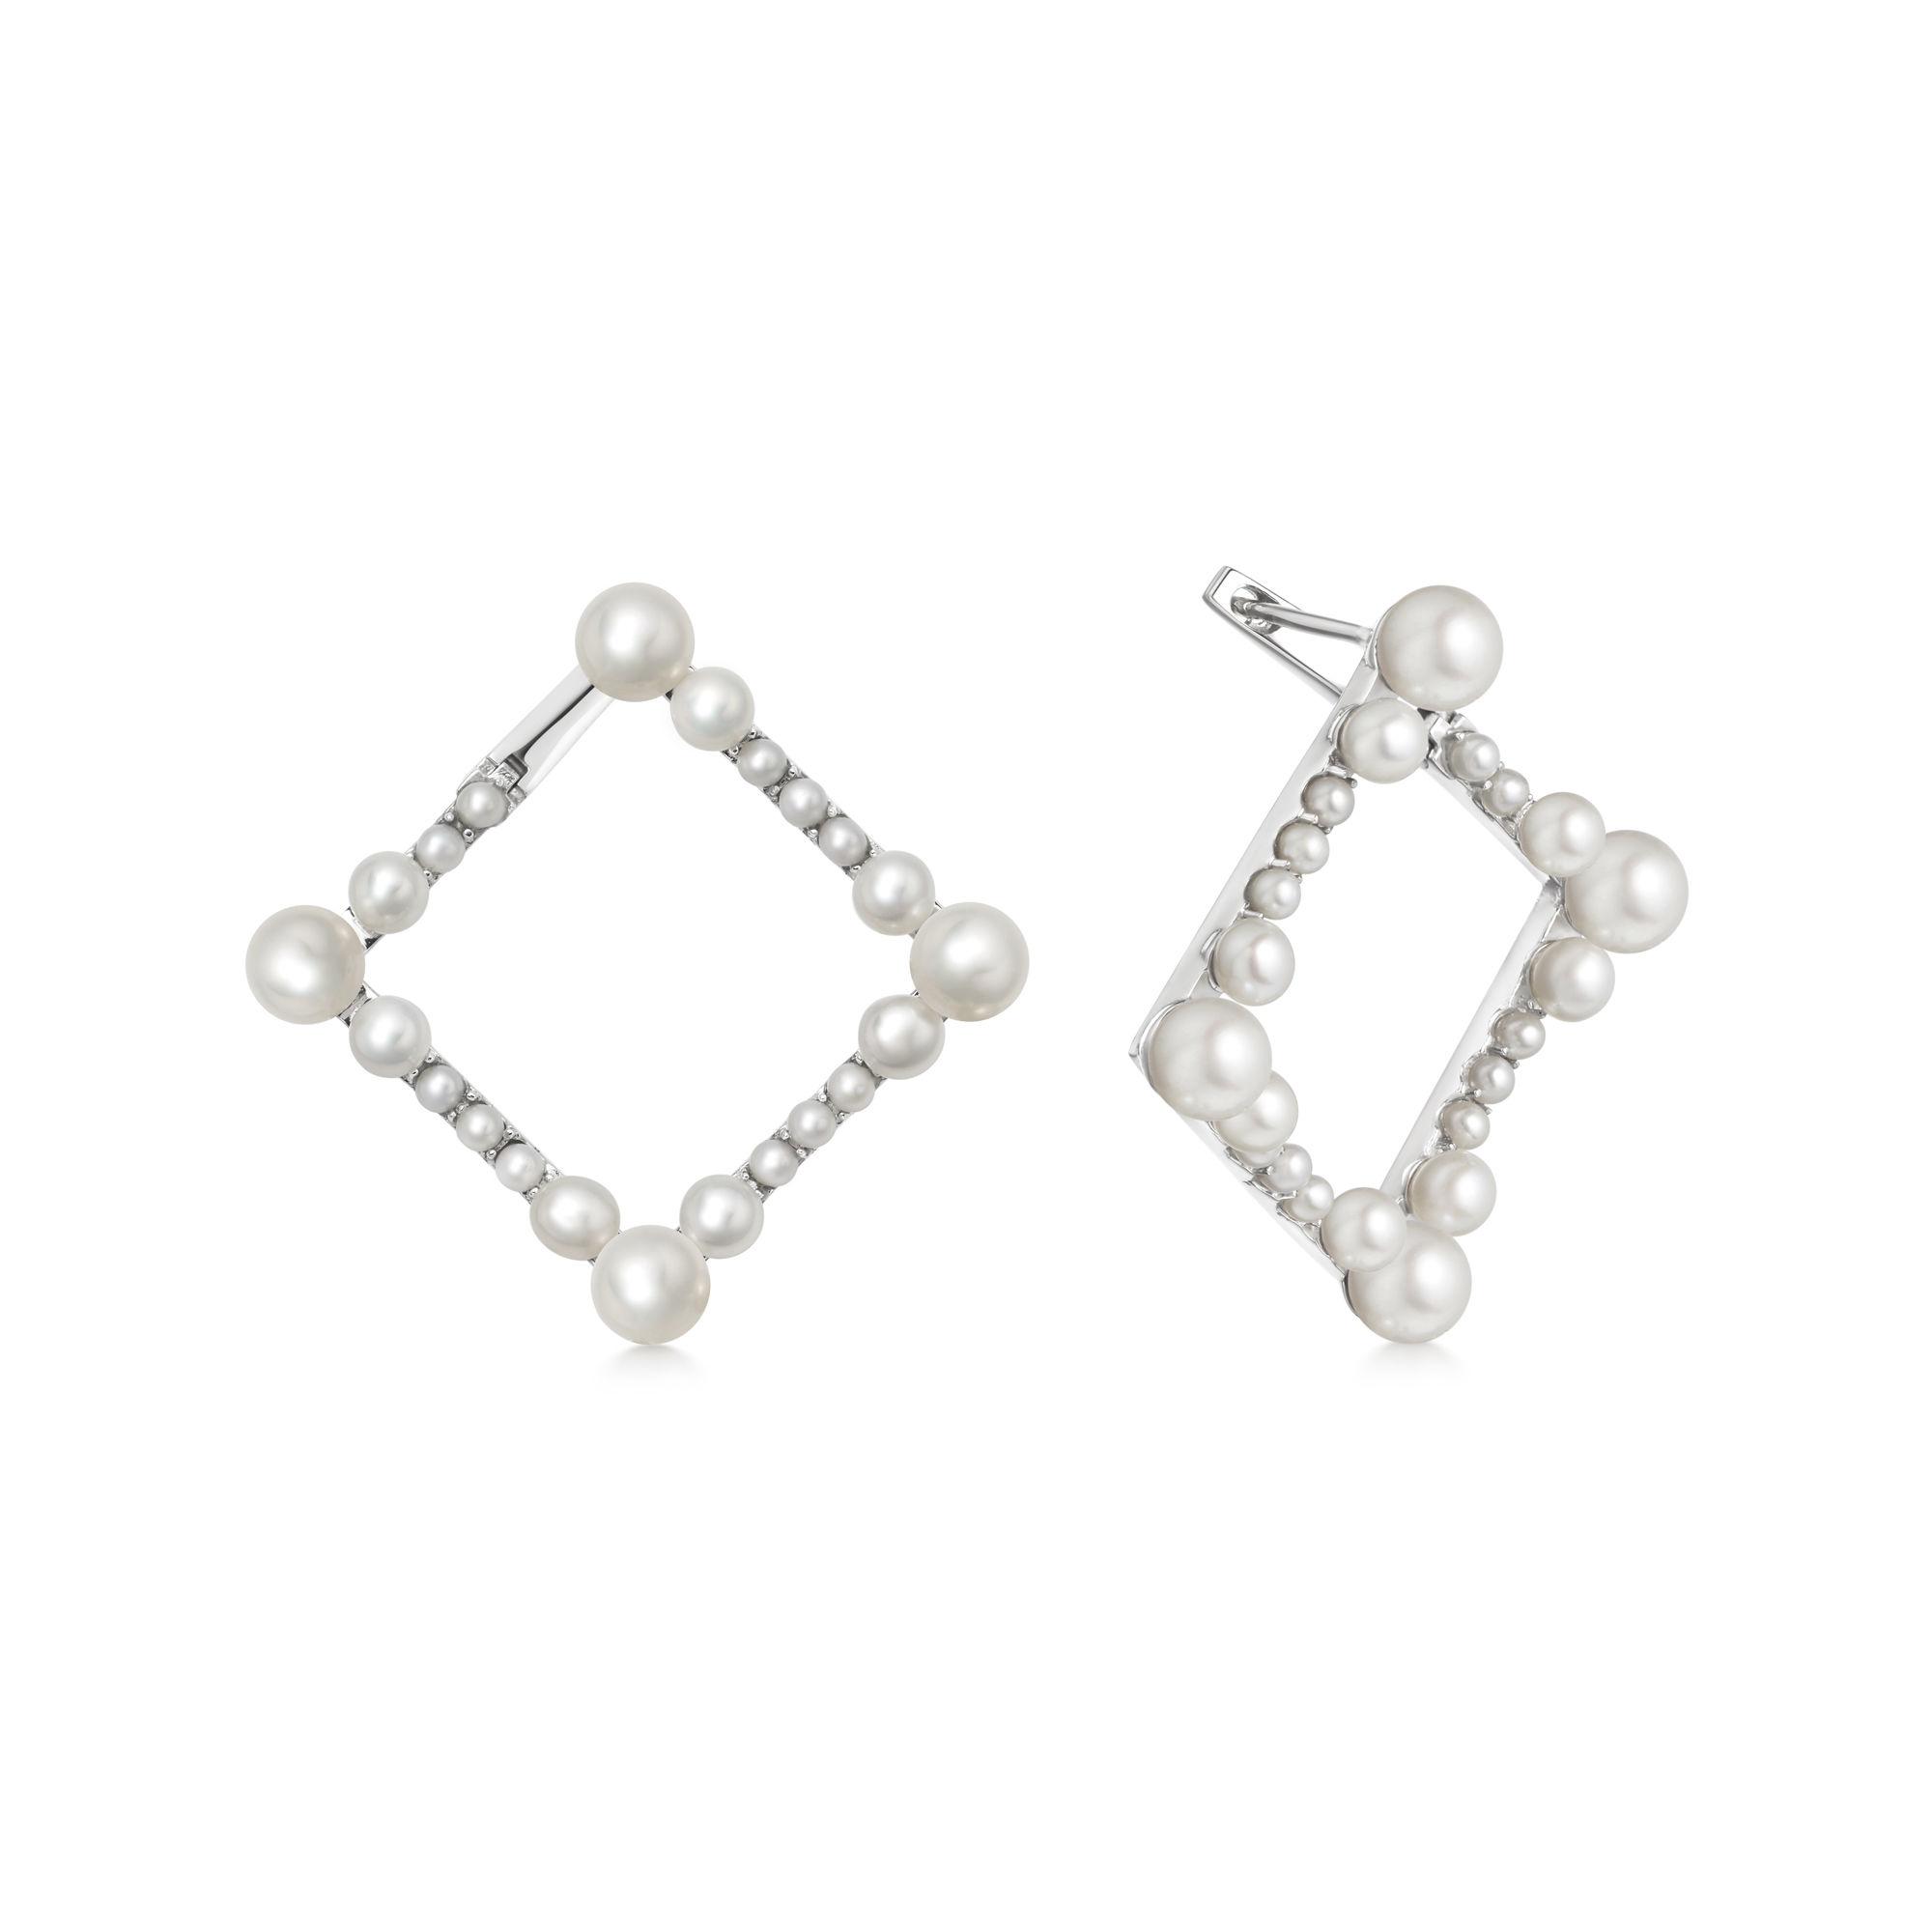 Orbs Pearl & Sterling Silver Square Hoop Earrings POA